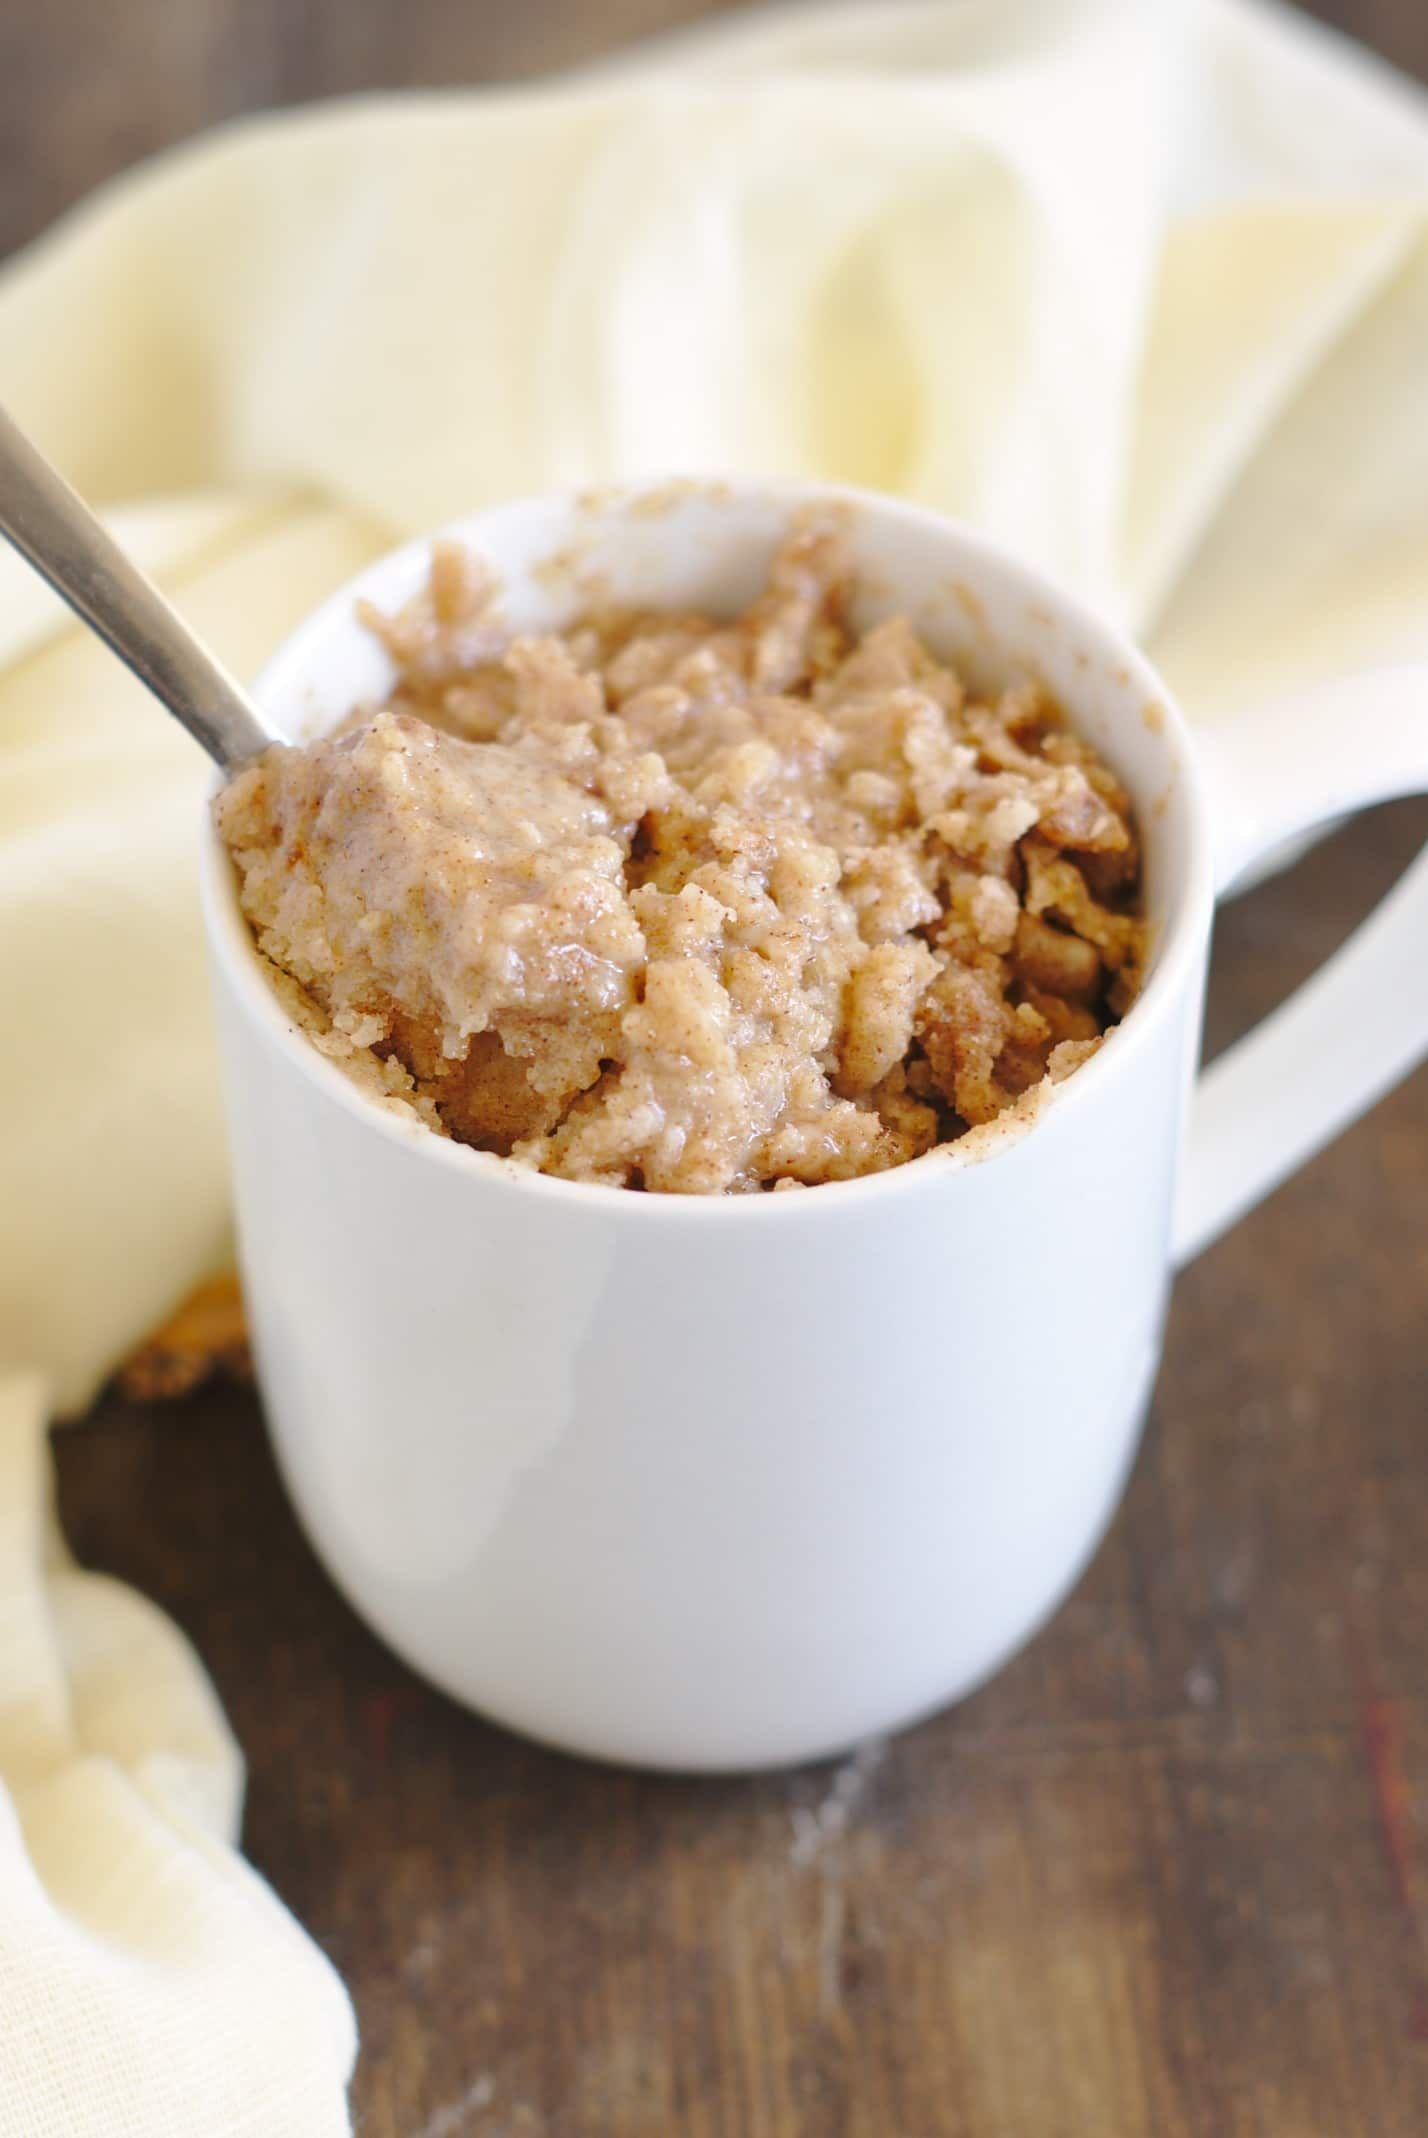 Coffee Cake Mug Cake Recipe Mug recipes, Easy mug cake